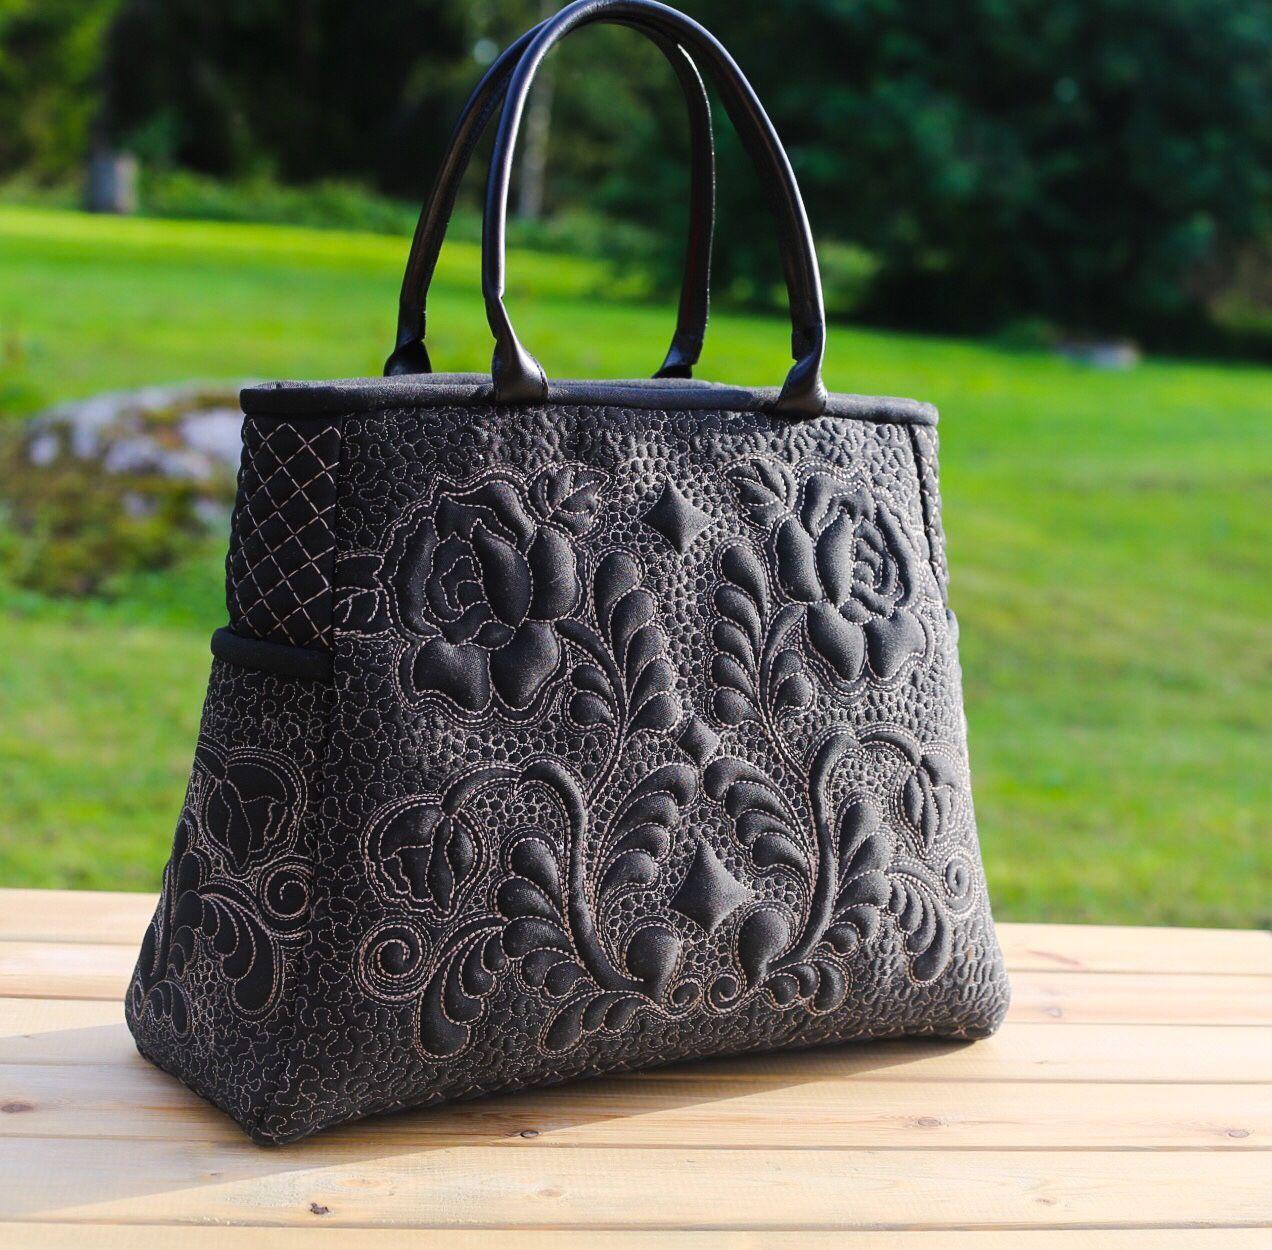 """Quilt hand bag / Стеганая сумочка """"Волшебная ночь"""" — работа дня на Ярмарке Мастеров. Узнать цену и купить: http://www.livemaster.ru/fleurdor  #handmade #design #art #fashion #style #beautiful #livemaster #ярмаркамастеров #ручнаяработа #рукоделие #хендмейд #творчество #дизайн #сумка"""